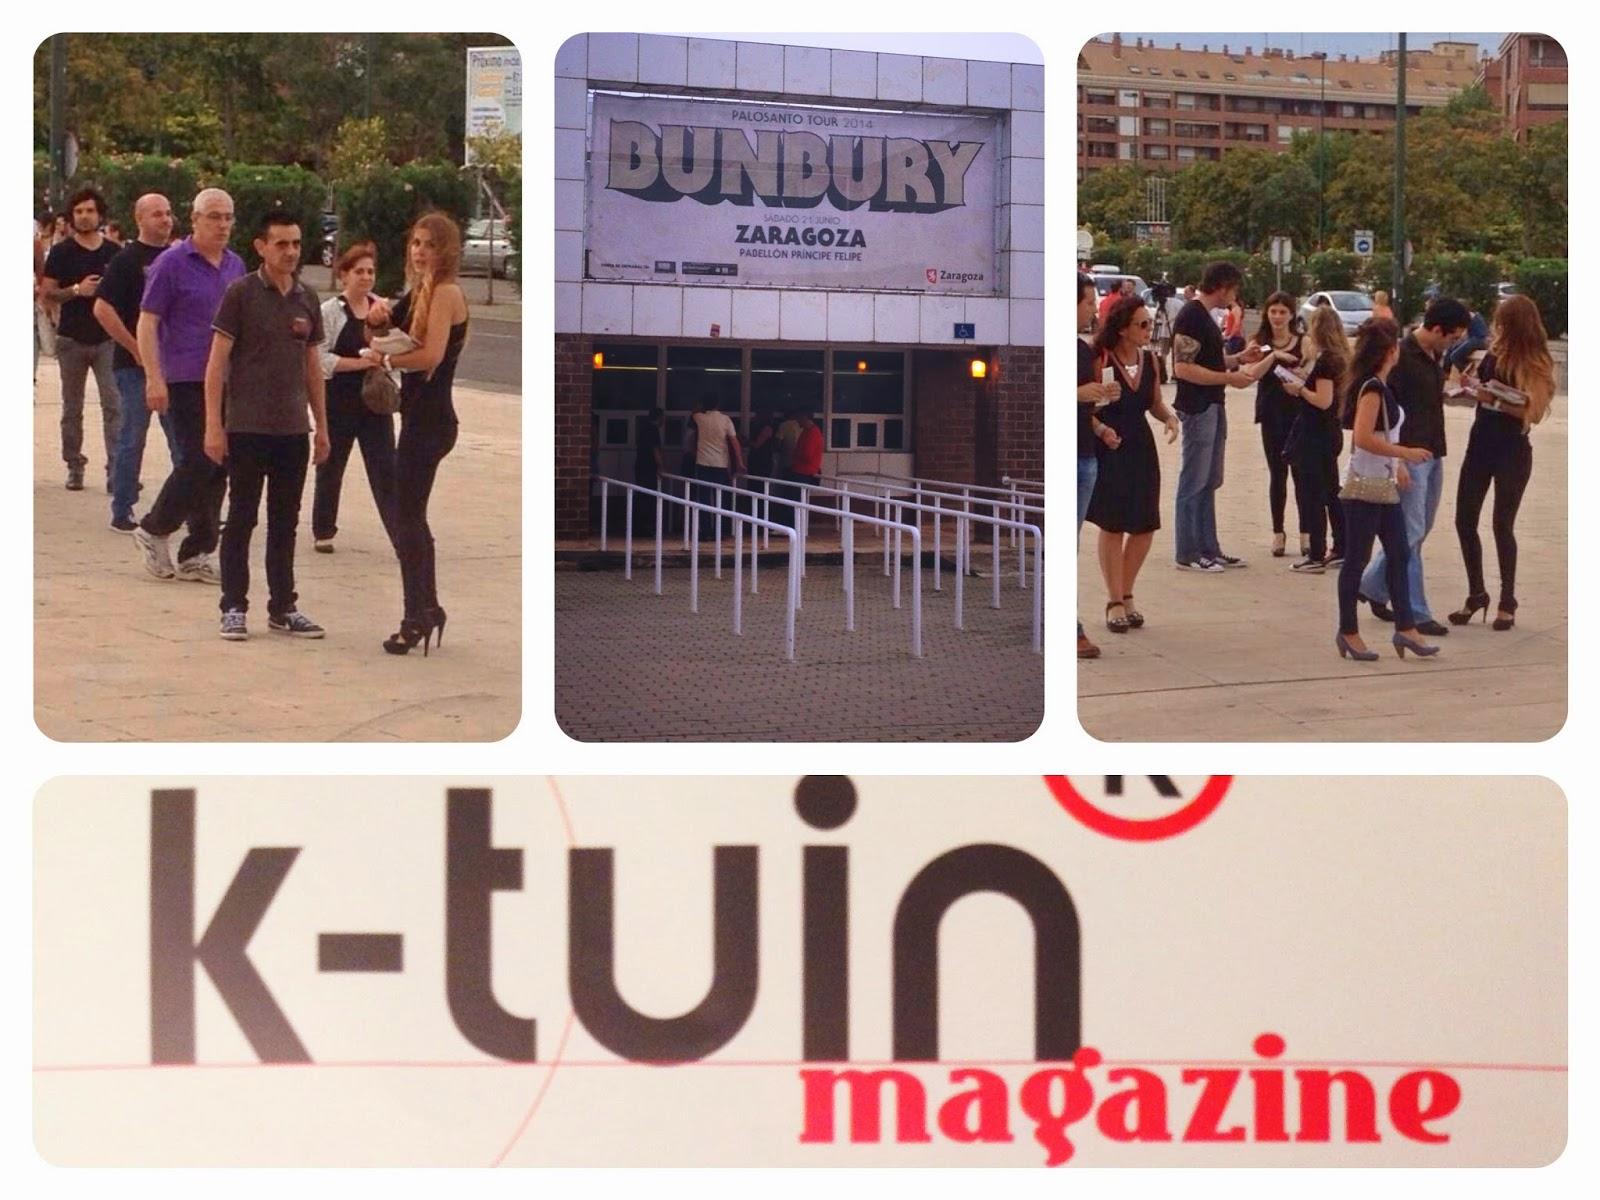 Accion promocional con azafatas de Ktuin en el concierto de Enrique Bunbury en Zaragoza el 21 de junio de 2014. Makoondo Azafatas y Eventos